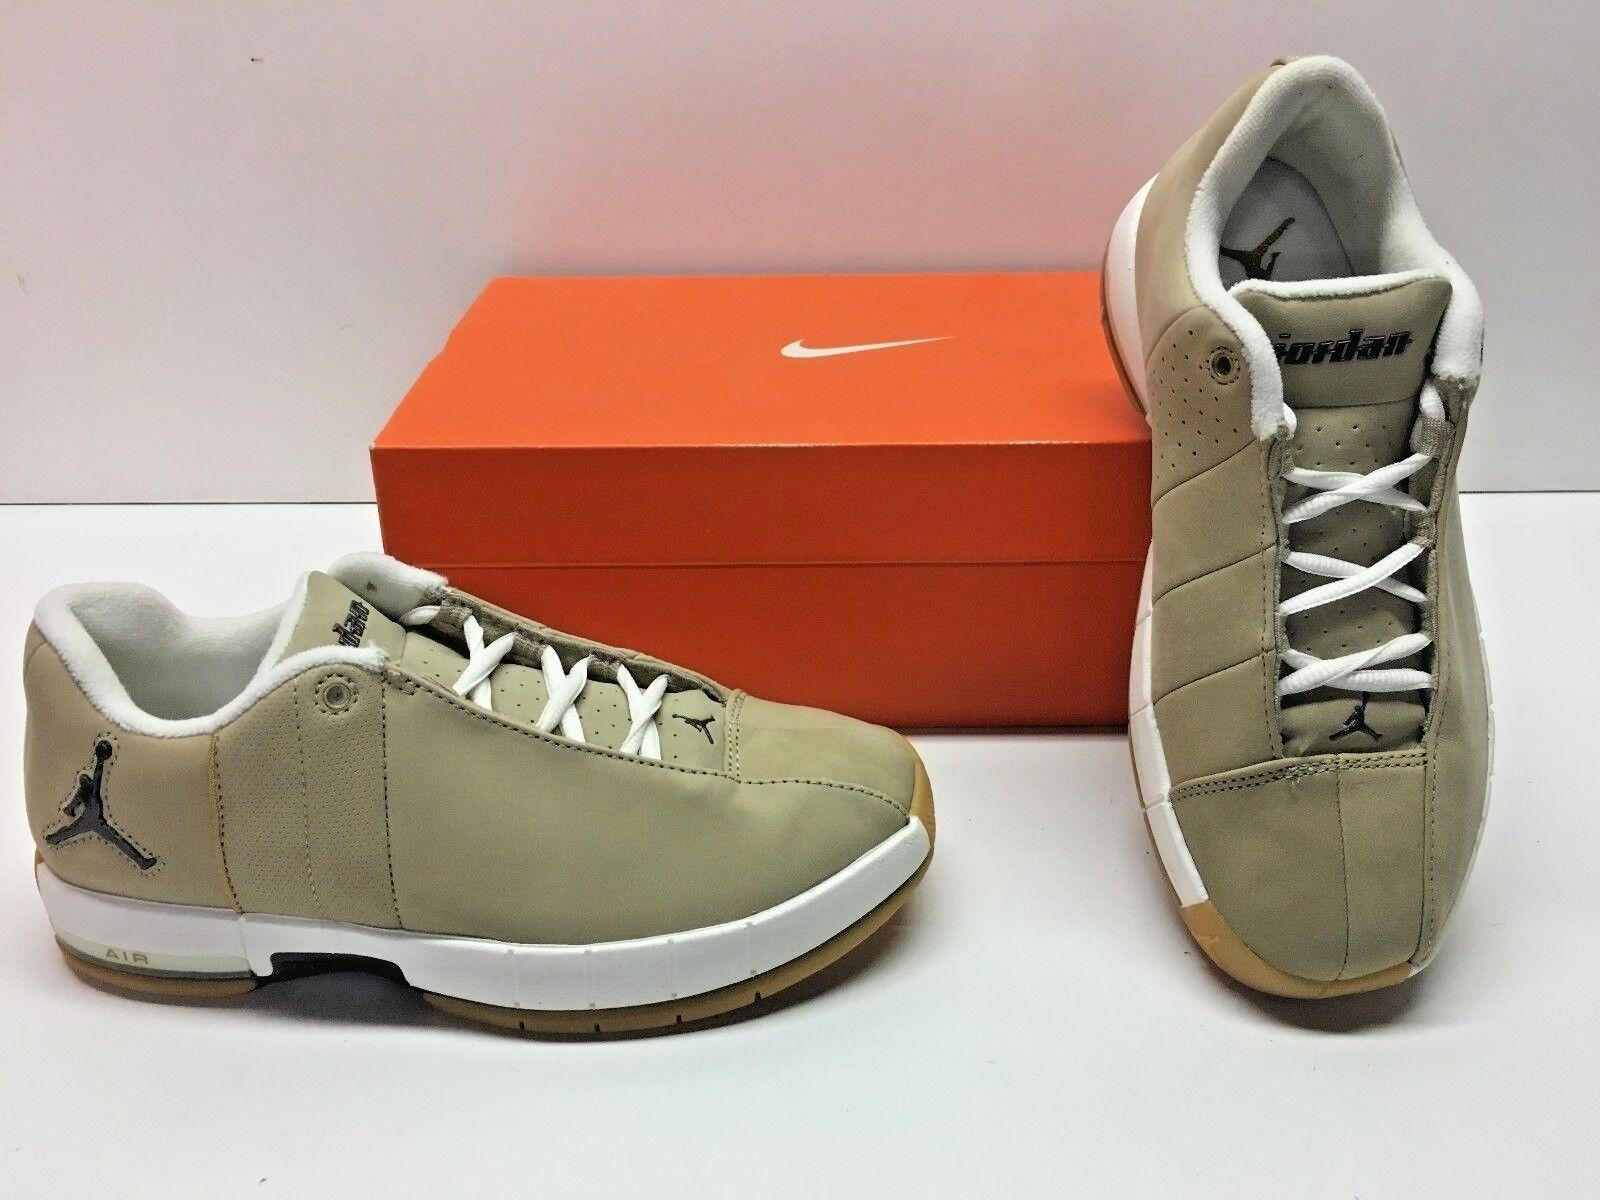 Nike Jordan Team Elite II Low Jumpman Beige Basketball Sneakers shoes Womens 6.5